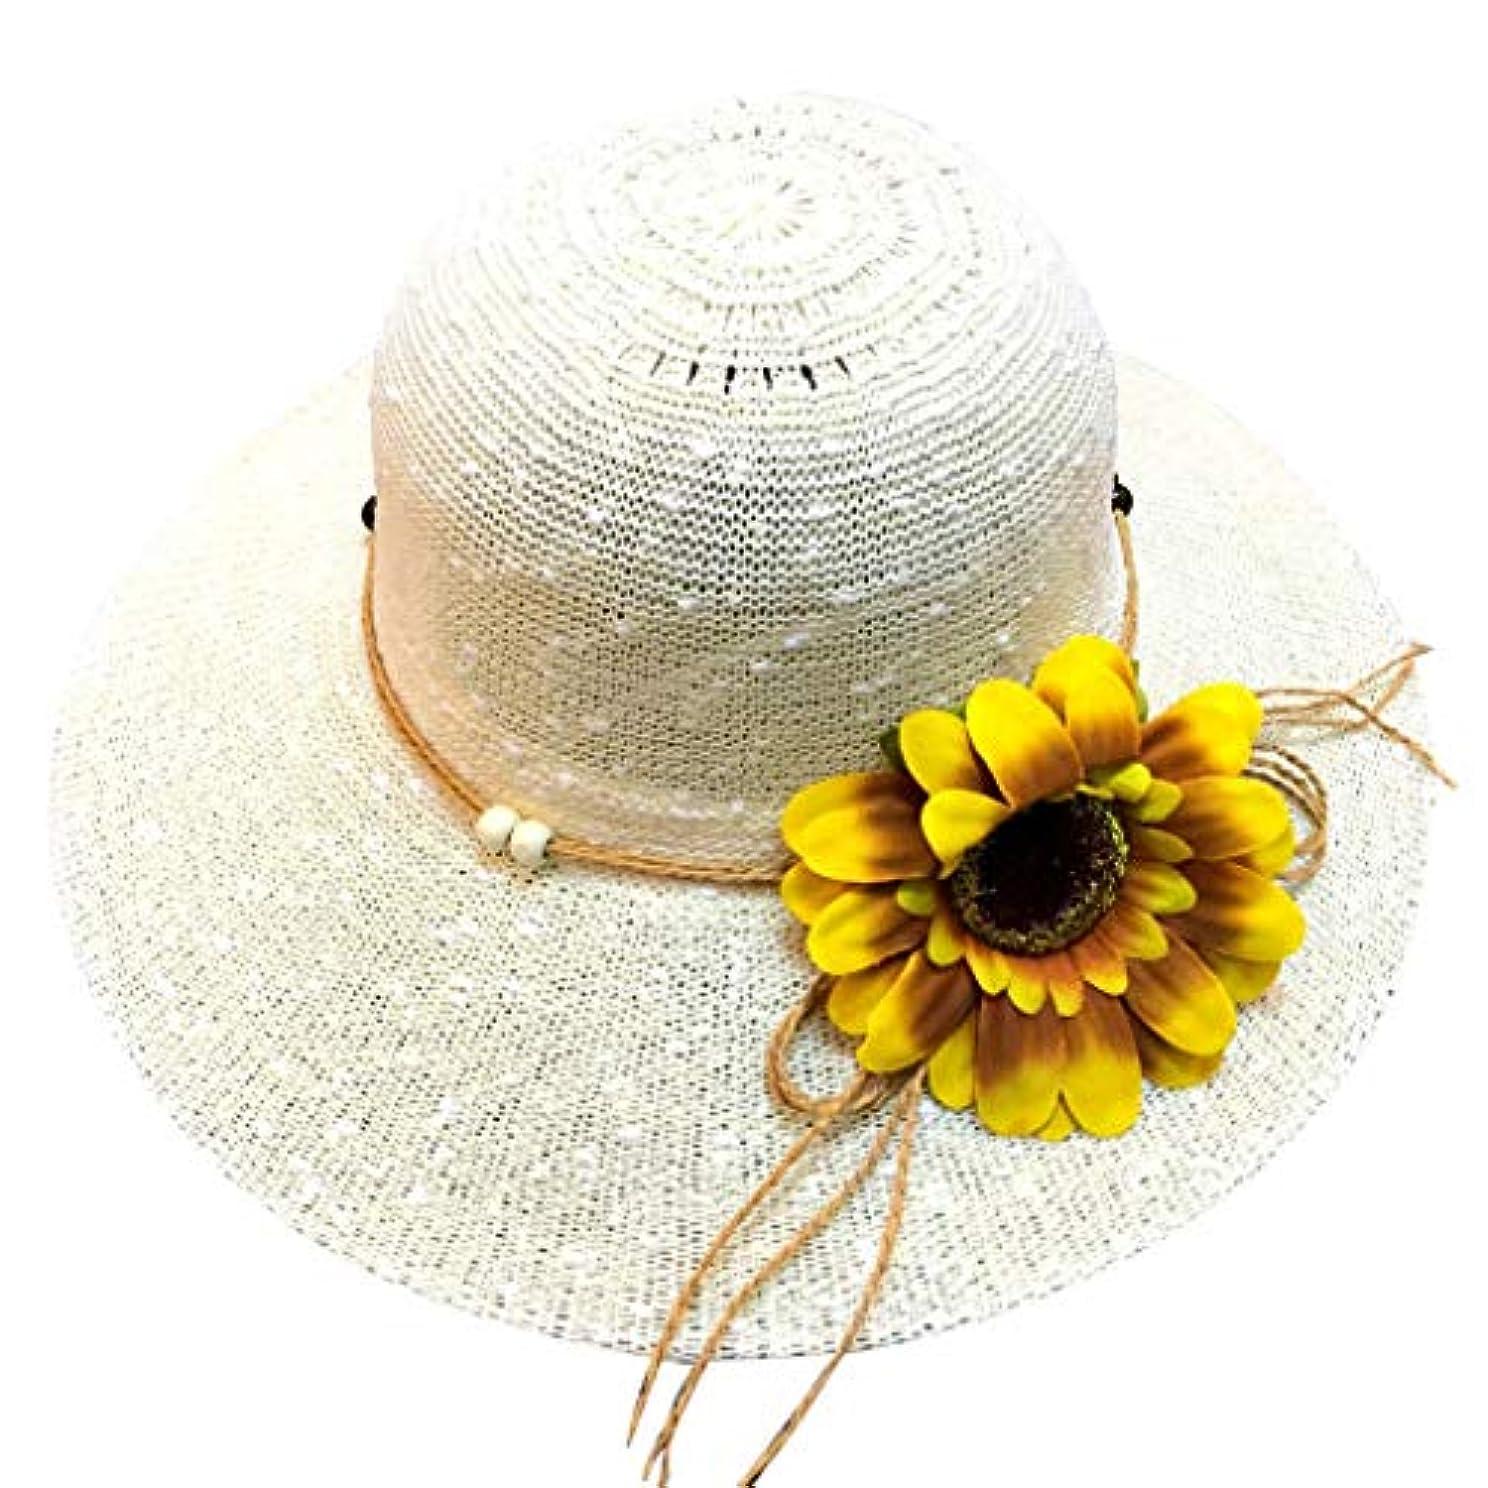 前書きドームアコード帽子 レディース アウトドア 夏 春 UVカット 帽子 ハット 漁師帽 日焼け防止 つば広 紫外線対策 大きいサイズ ひまわり 可愛い ハット 旅行用 日よけ 夏季 ビーチ 無地 ハット レディース 女性 ROSE ROMAN